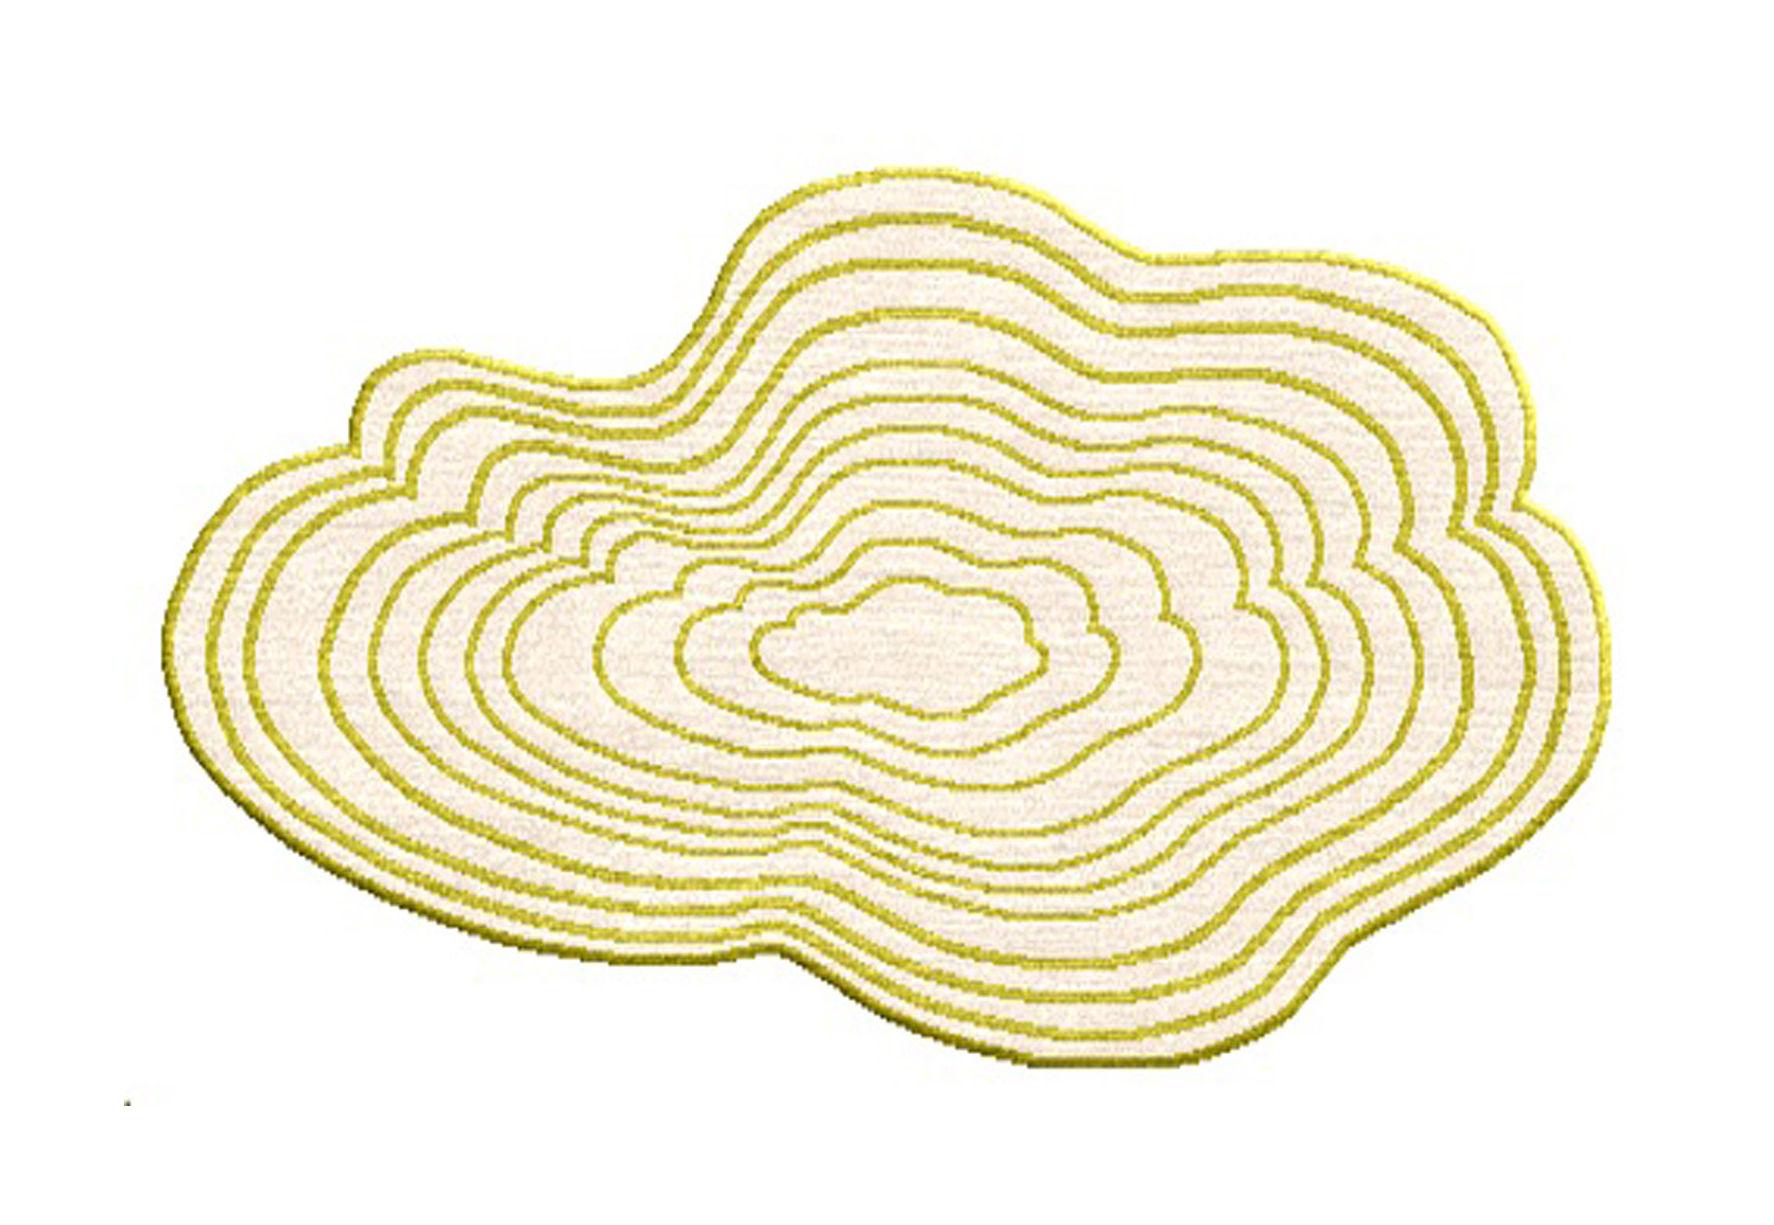 Déco - Tapis - Tapis Clouds / 120 x 70 cm - Chevalier édition - Vert anis & Blanc cassé - Laine